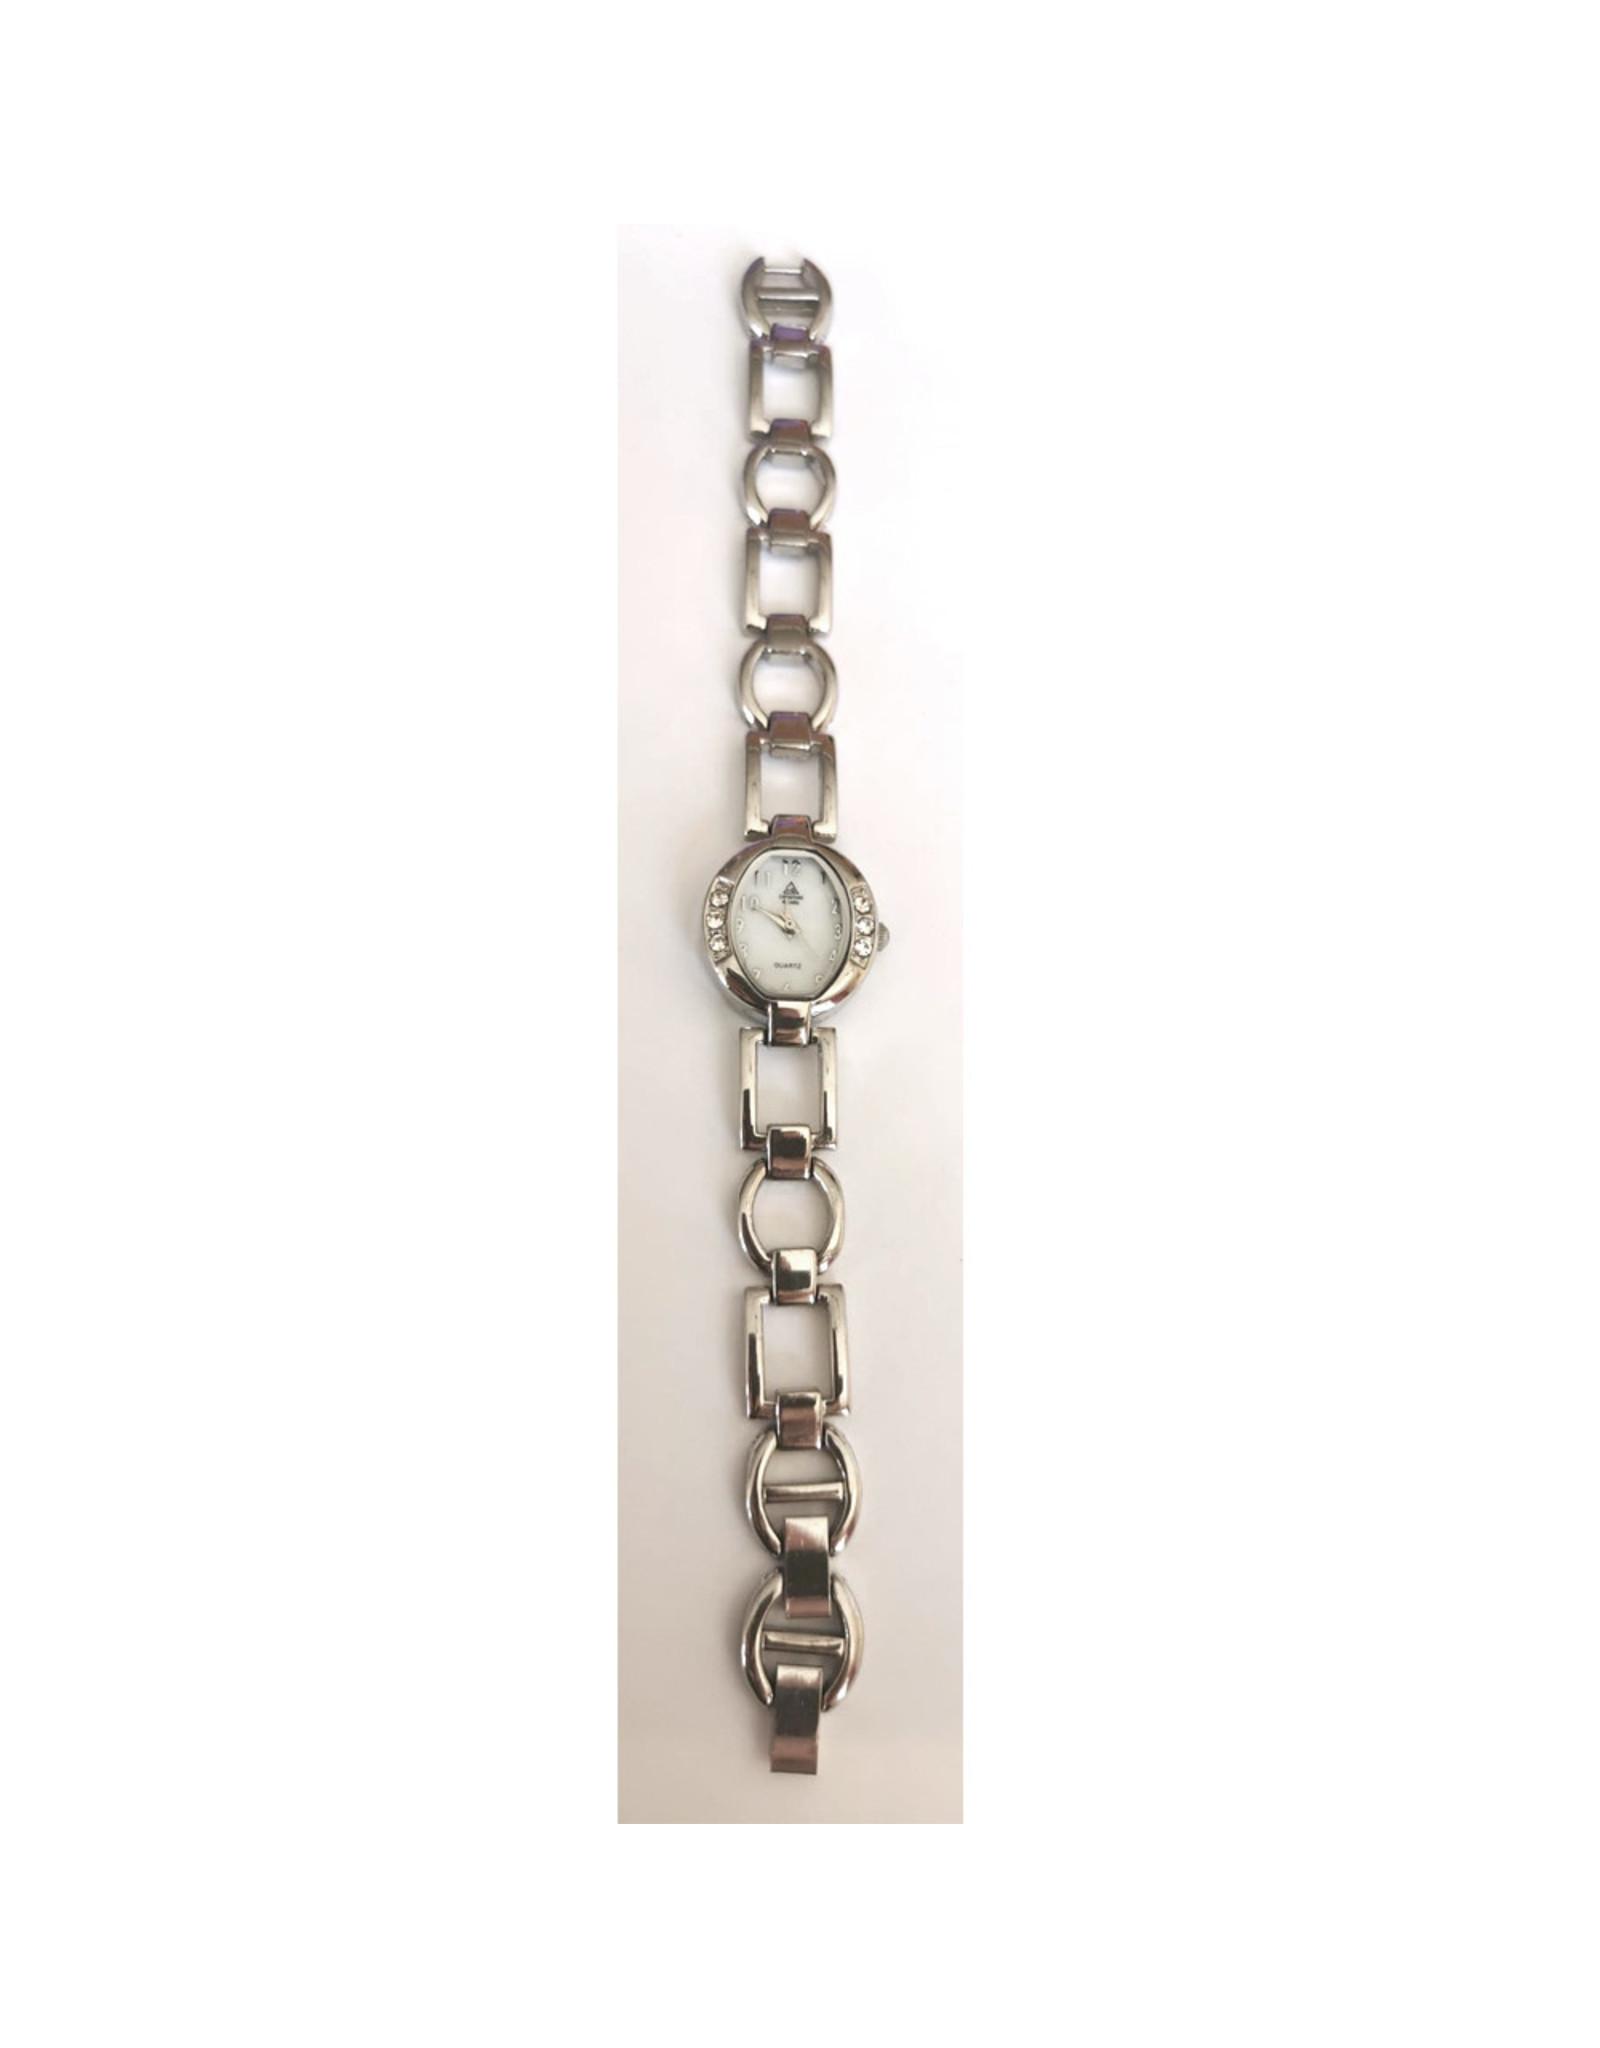 Christian Ricard Argent carré arrondi bracelet